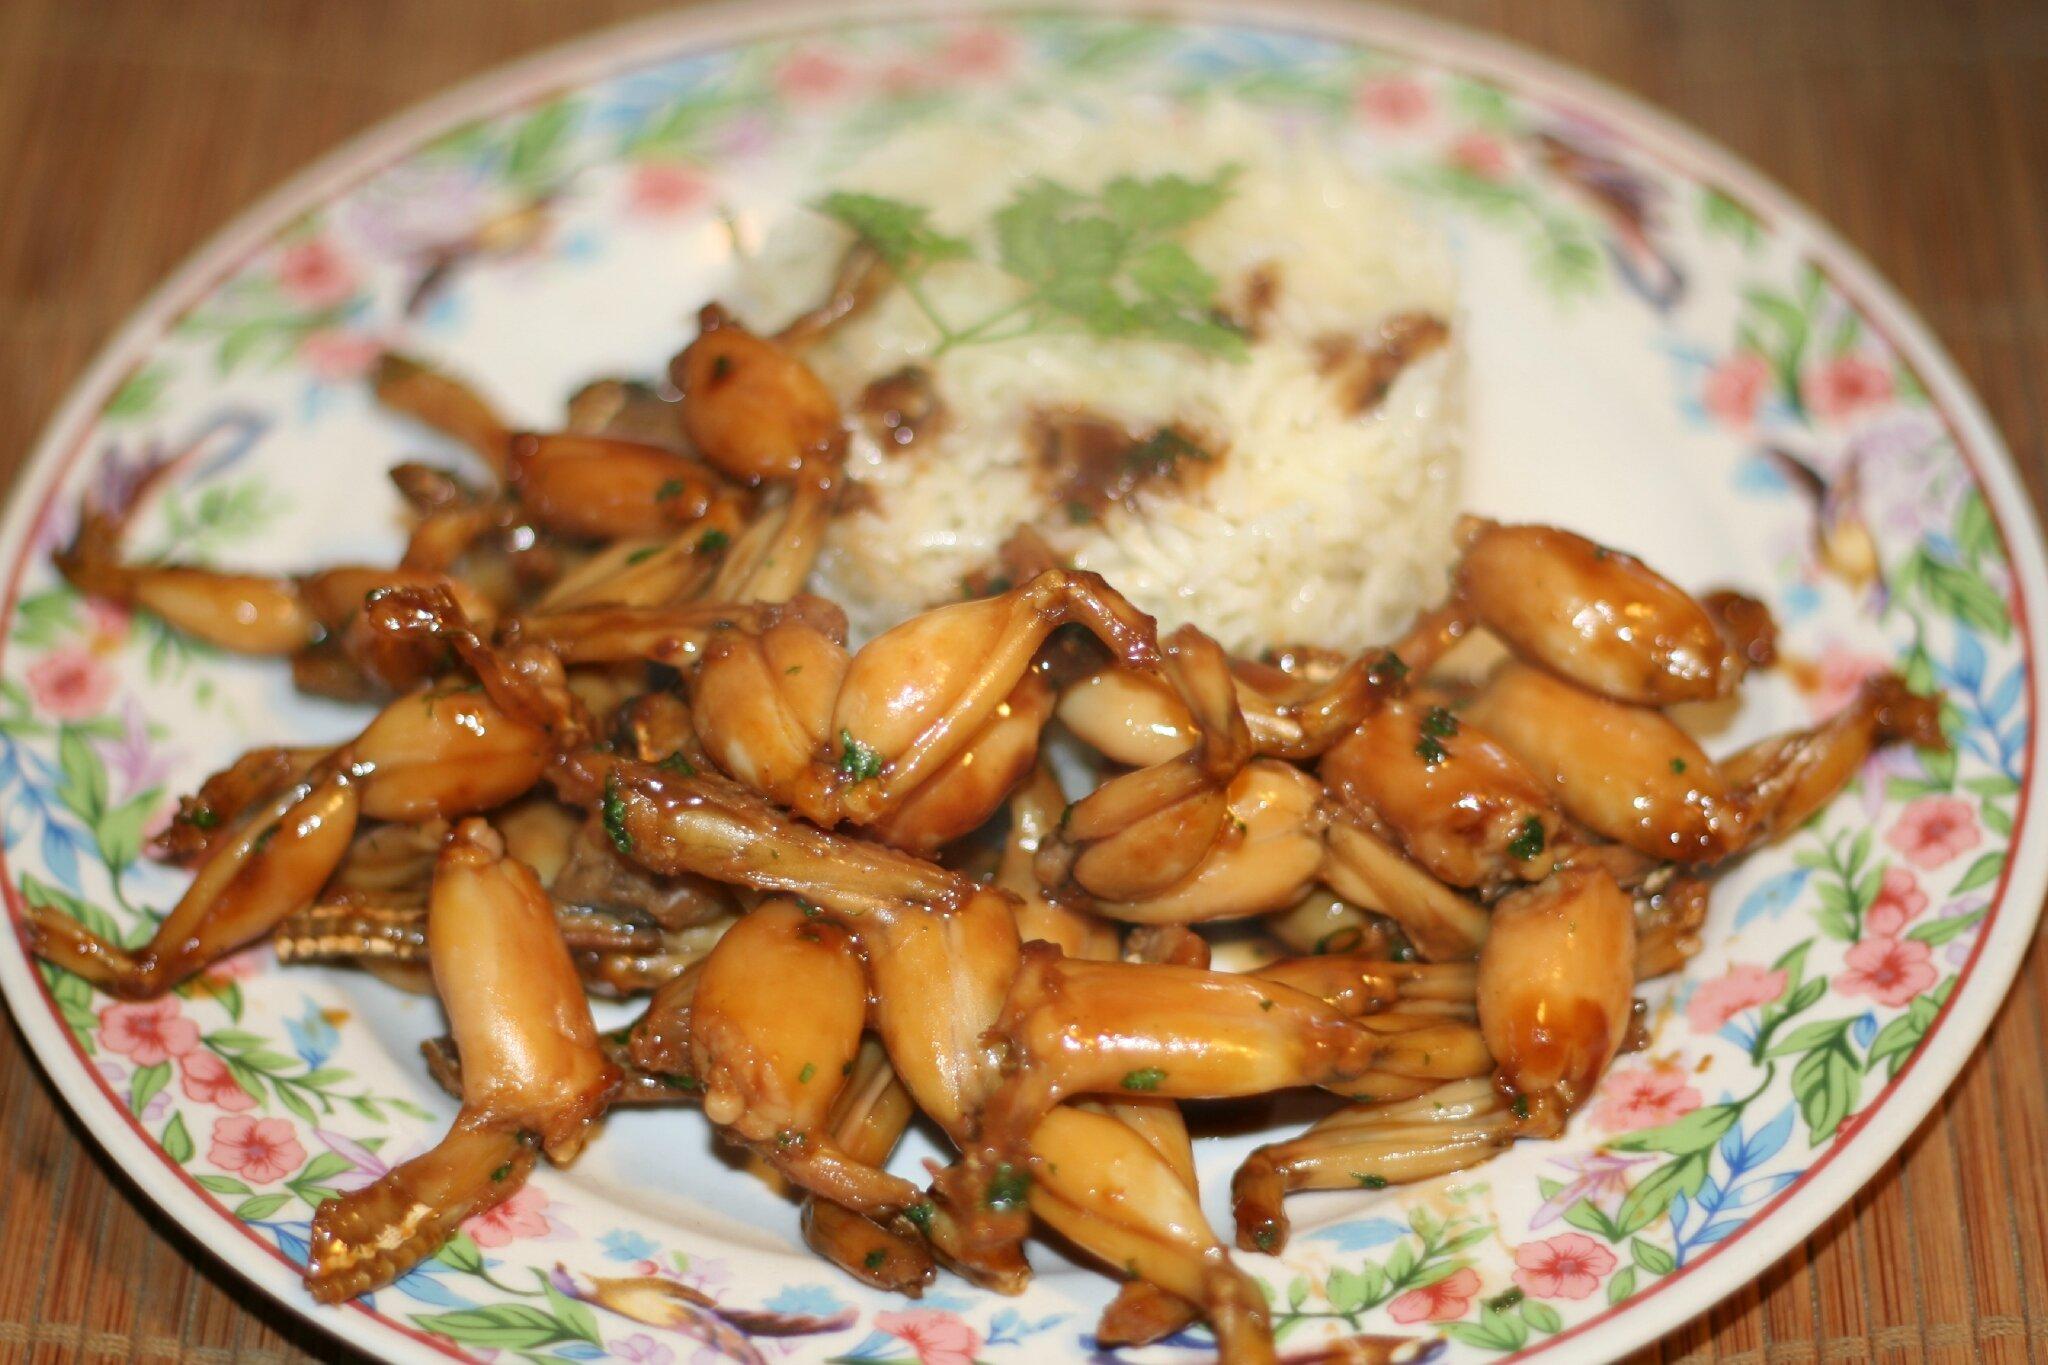 cuisses de grenouilles sautées à la cambodgienne - amafacon